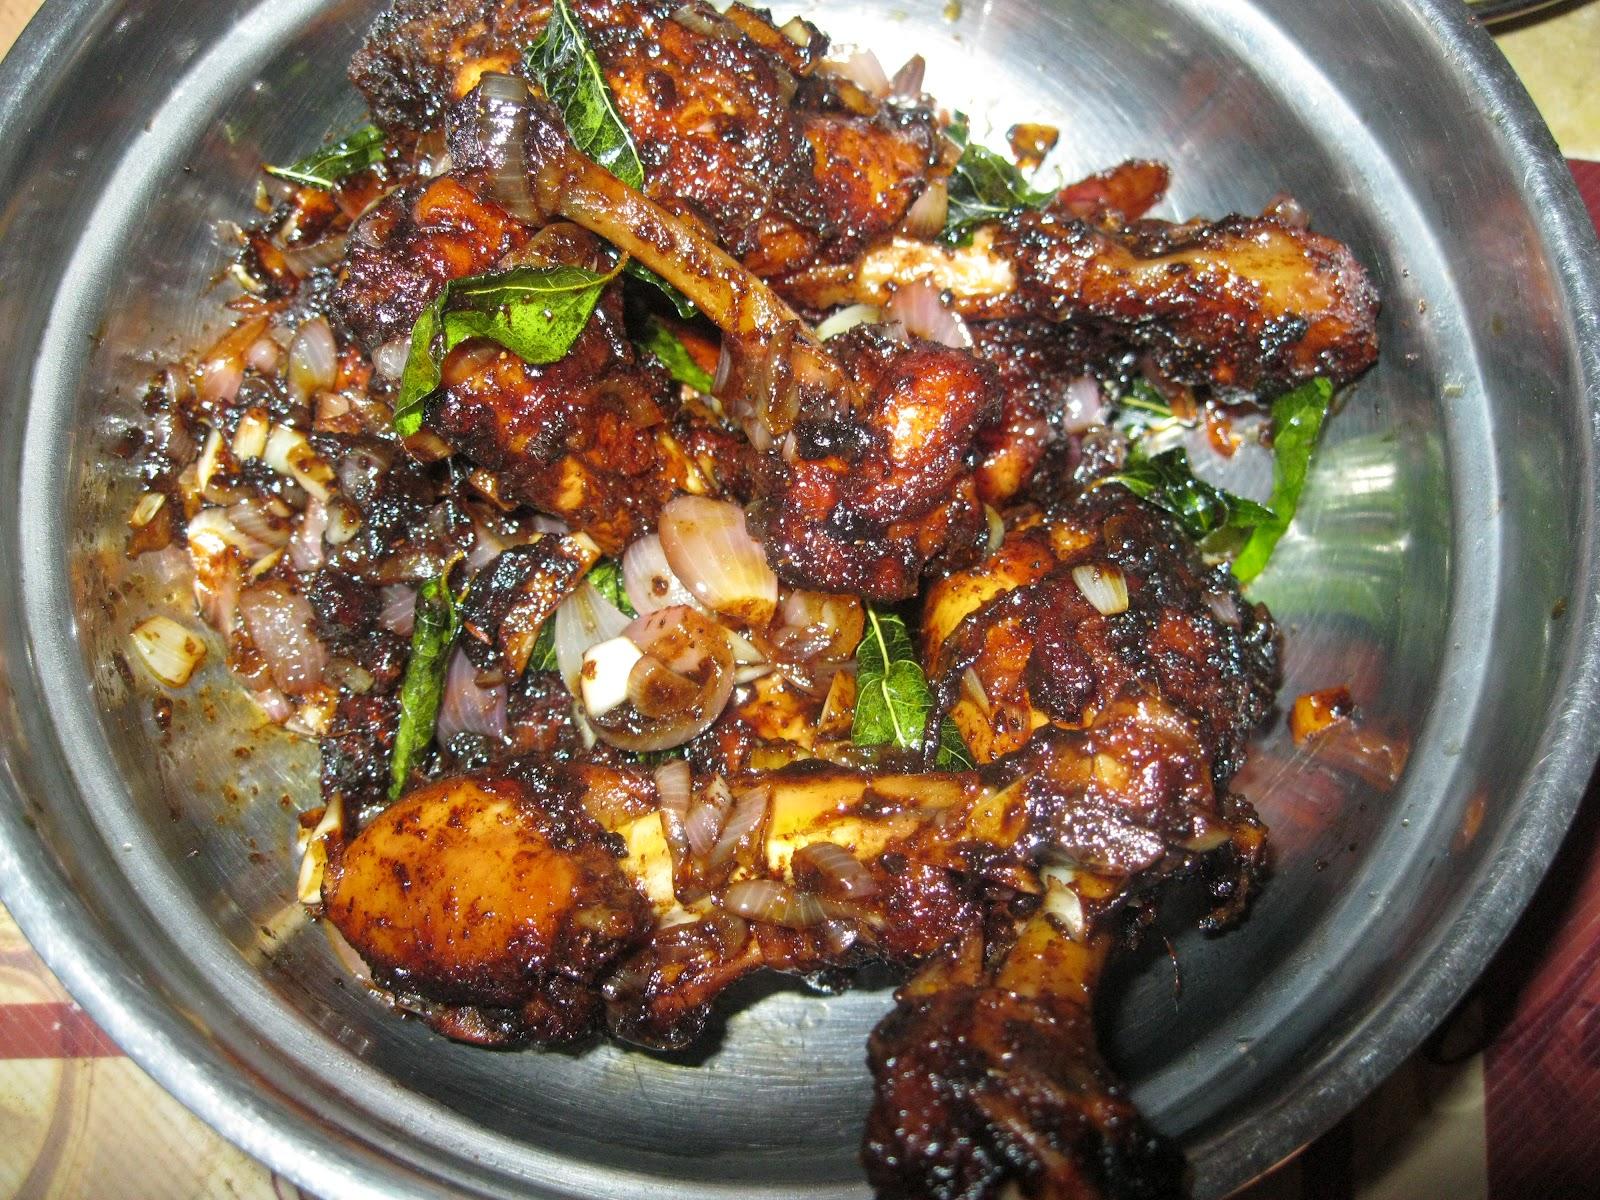 Amrita's kitchen: Fried black pepper chicken